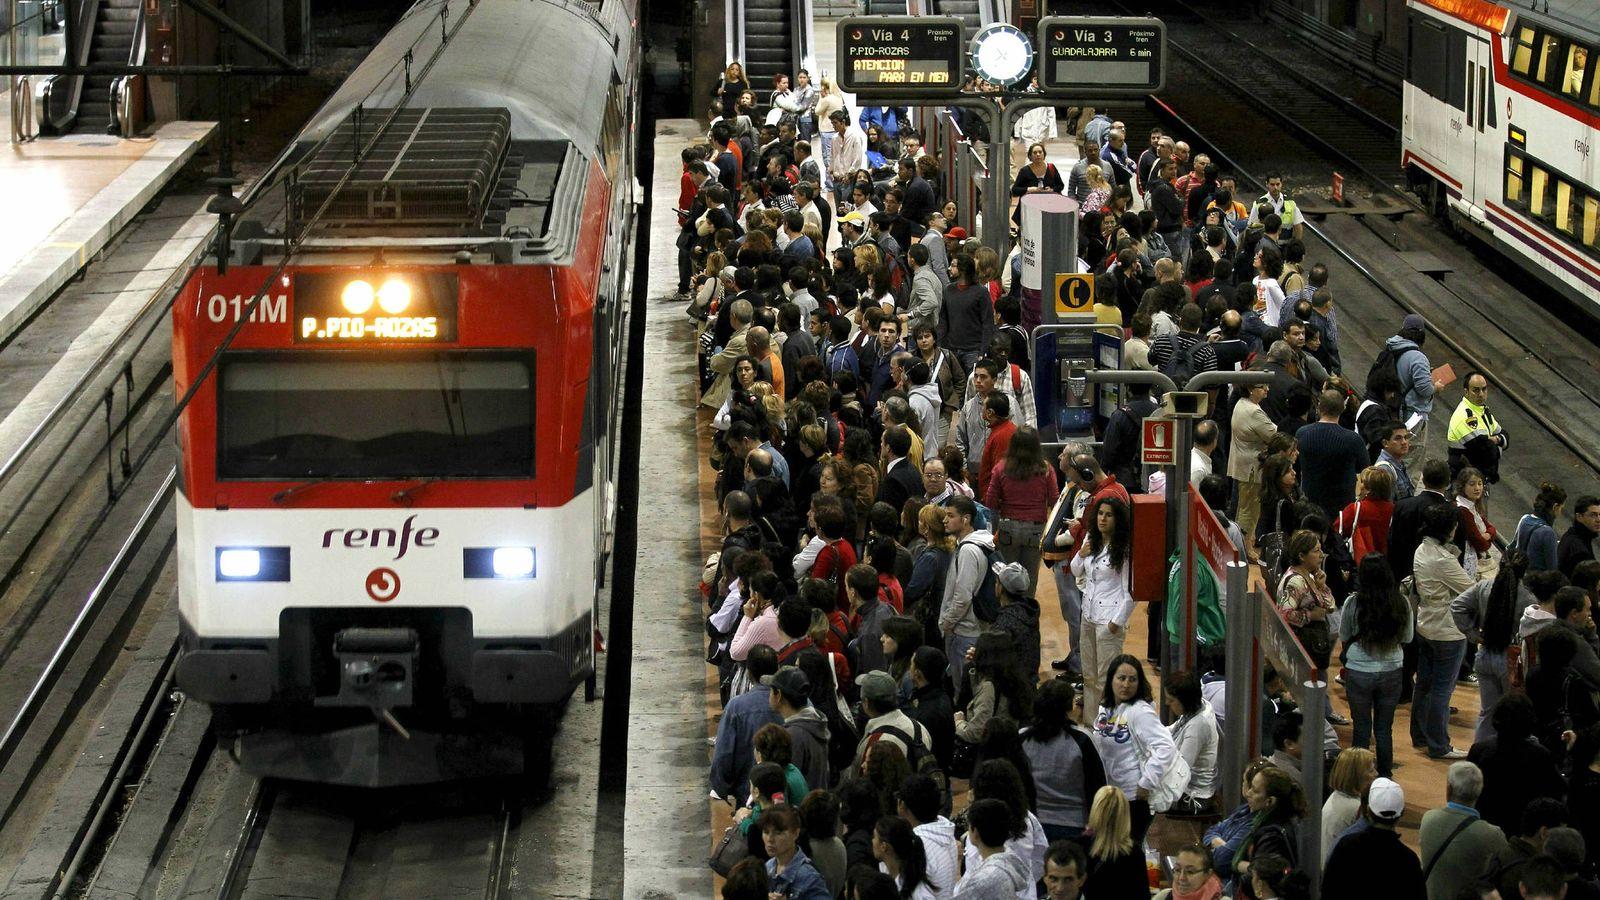 Foto: Un tren de Cercanías en la estación de Atocha, de donde partirán los servicios de transporte alternativo. (Efe)